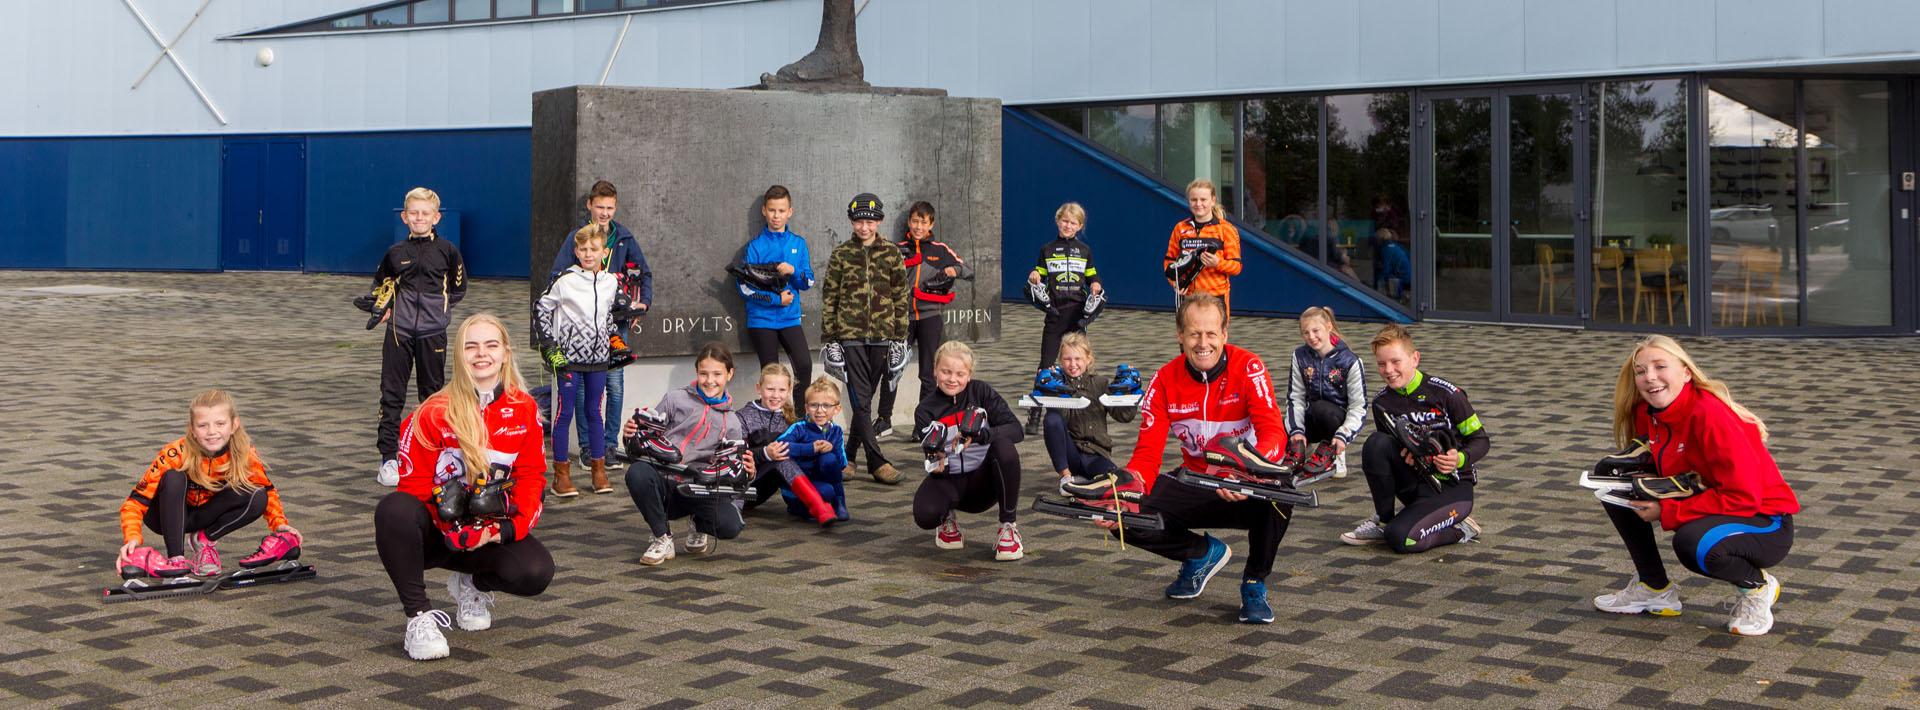 Schaatsles-Schaatstraining-Friesland-Elfstedenhal-Leeuwarden-Schaatsschool-Eleven-Jeugdschaatsen2020-2021